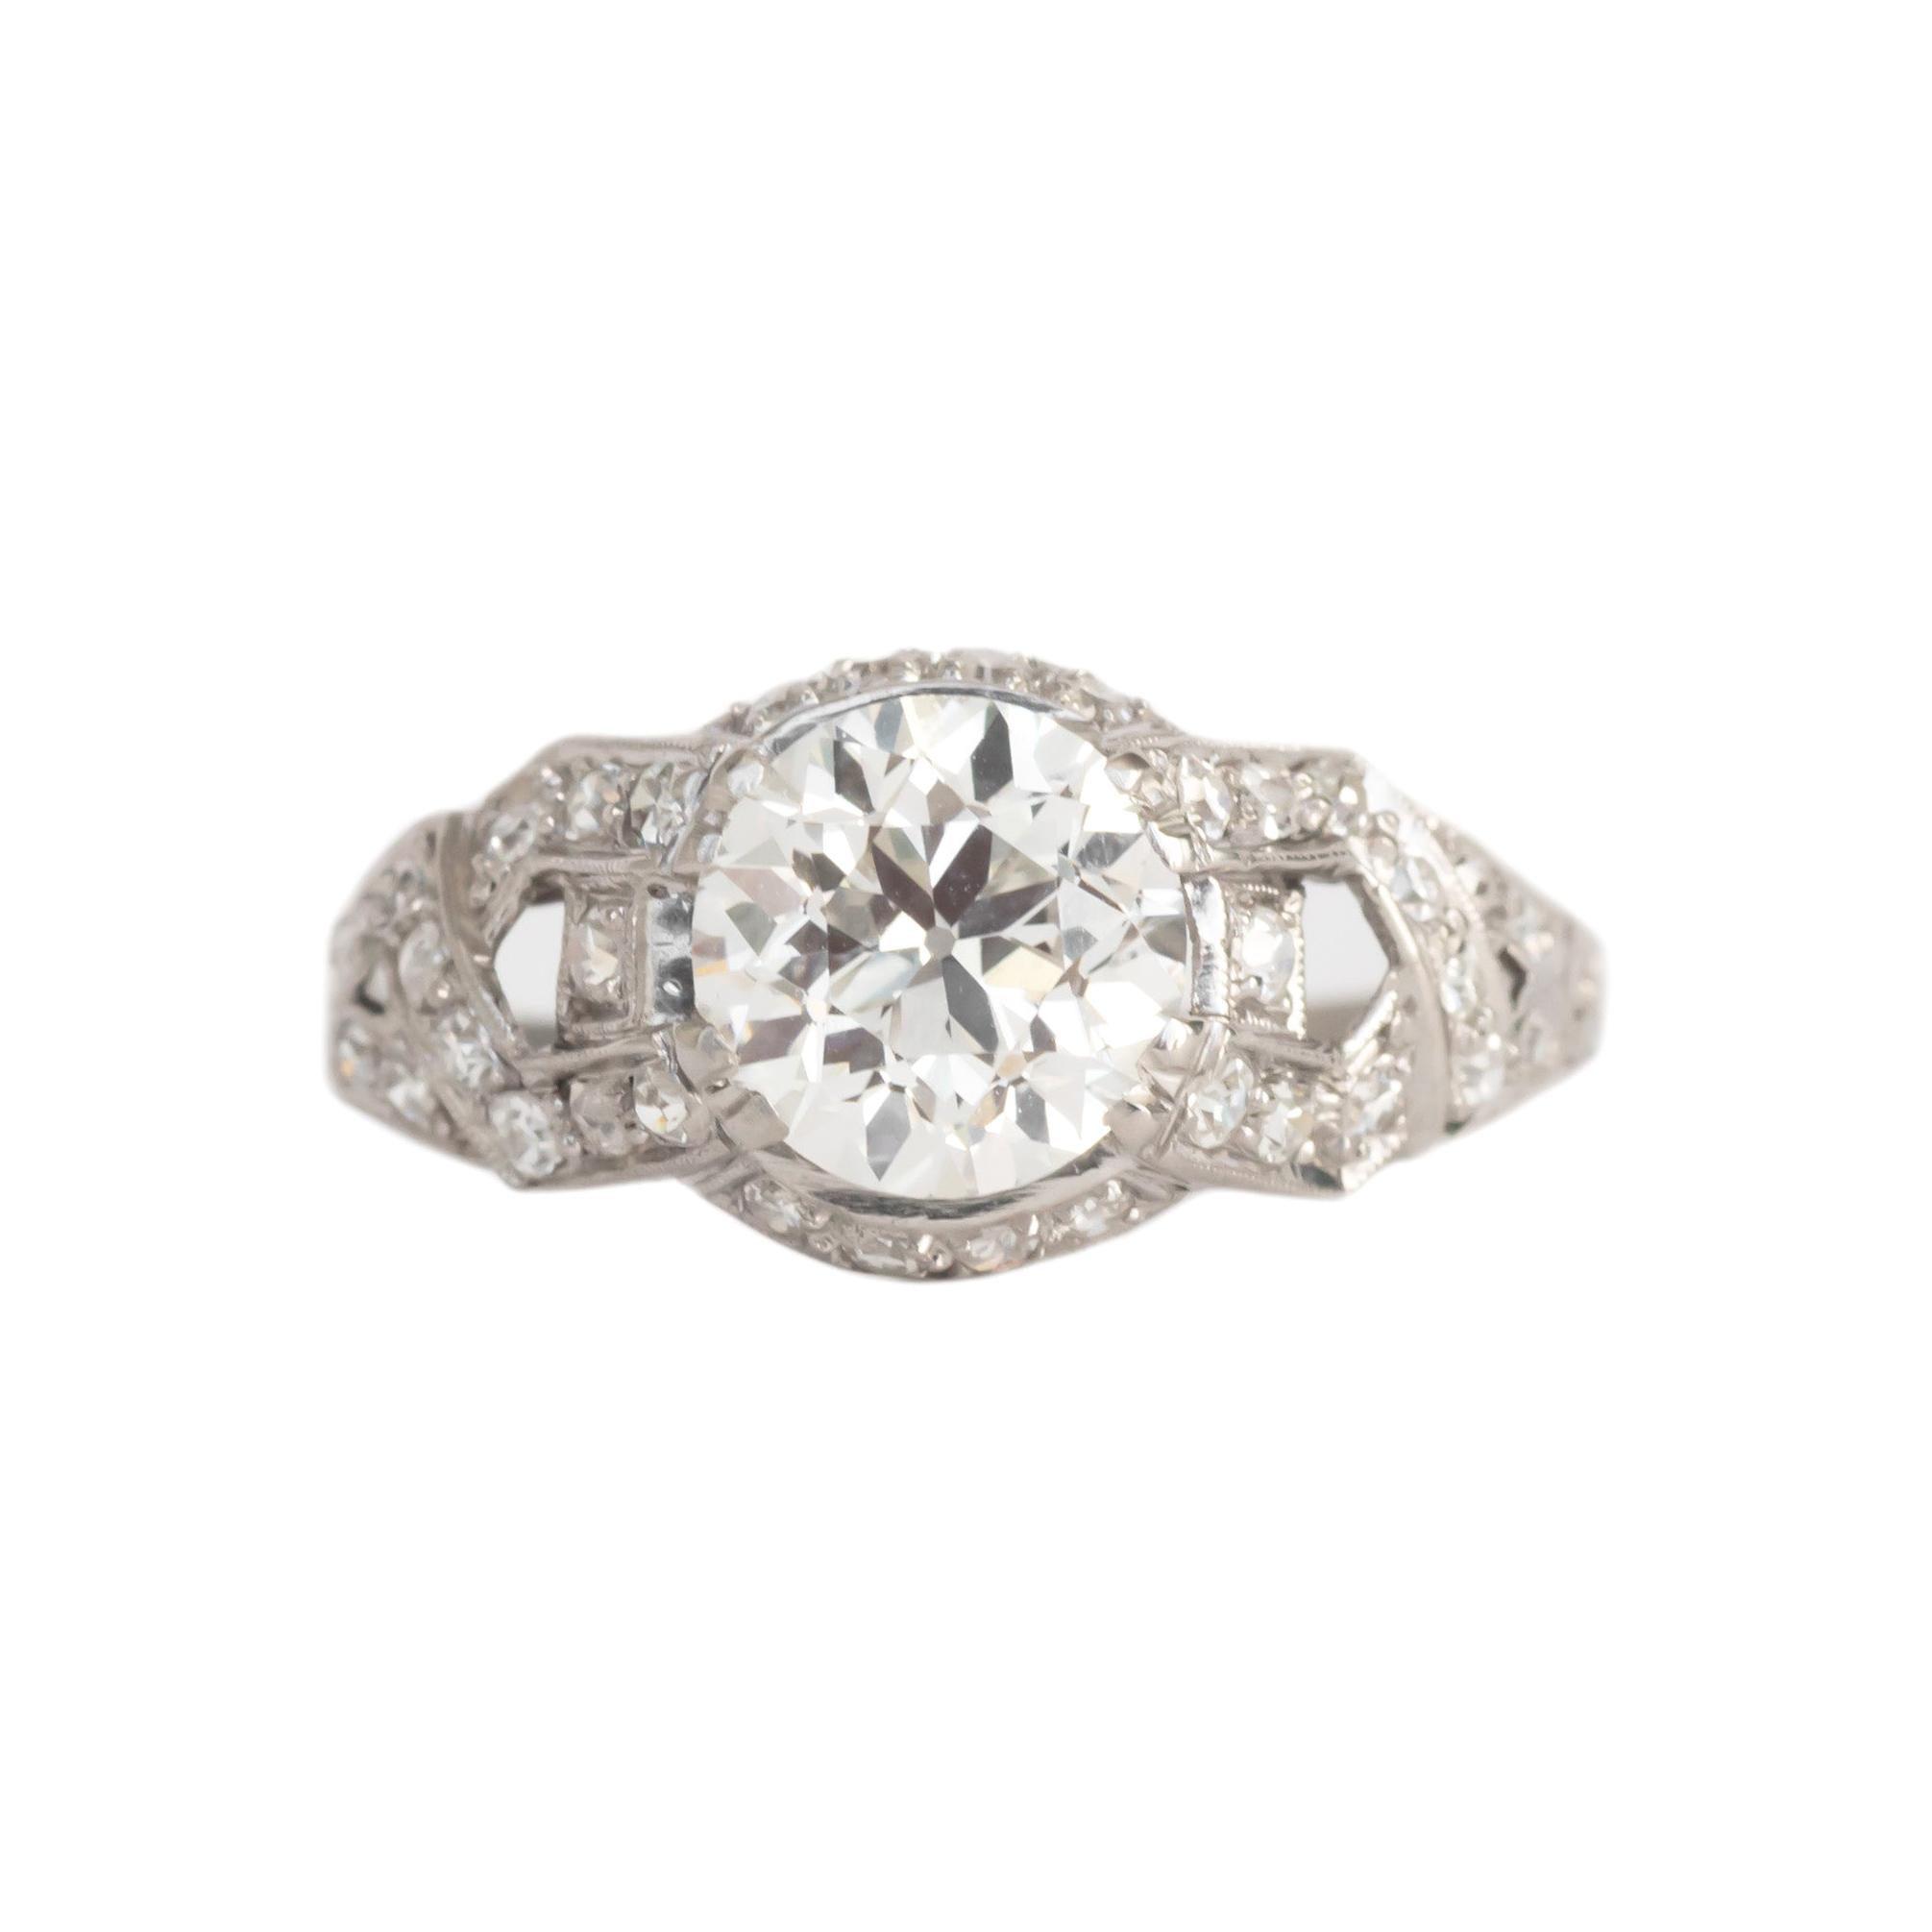 GIA Certified 1.63 Carat Diamond Platinum Engagement Ring